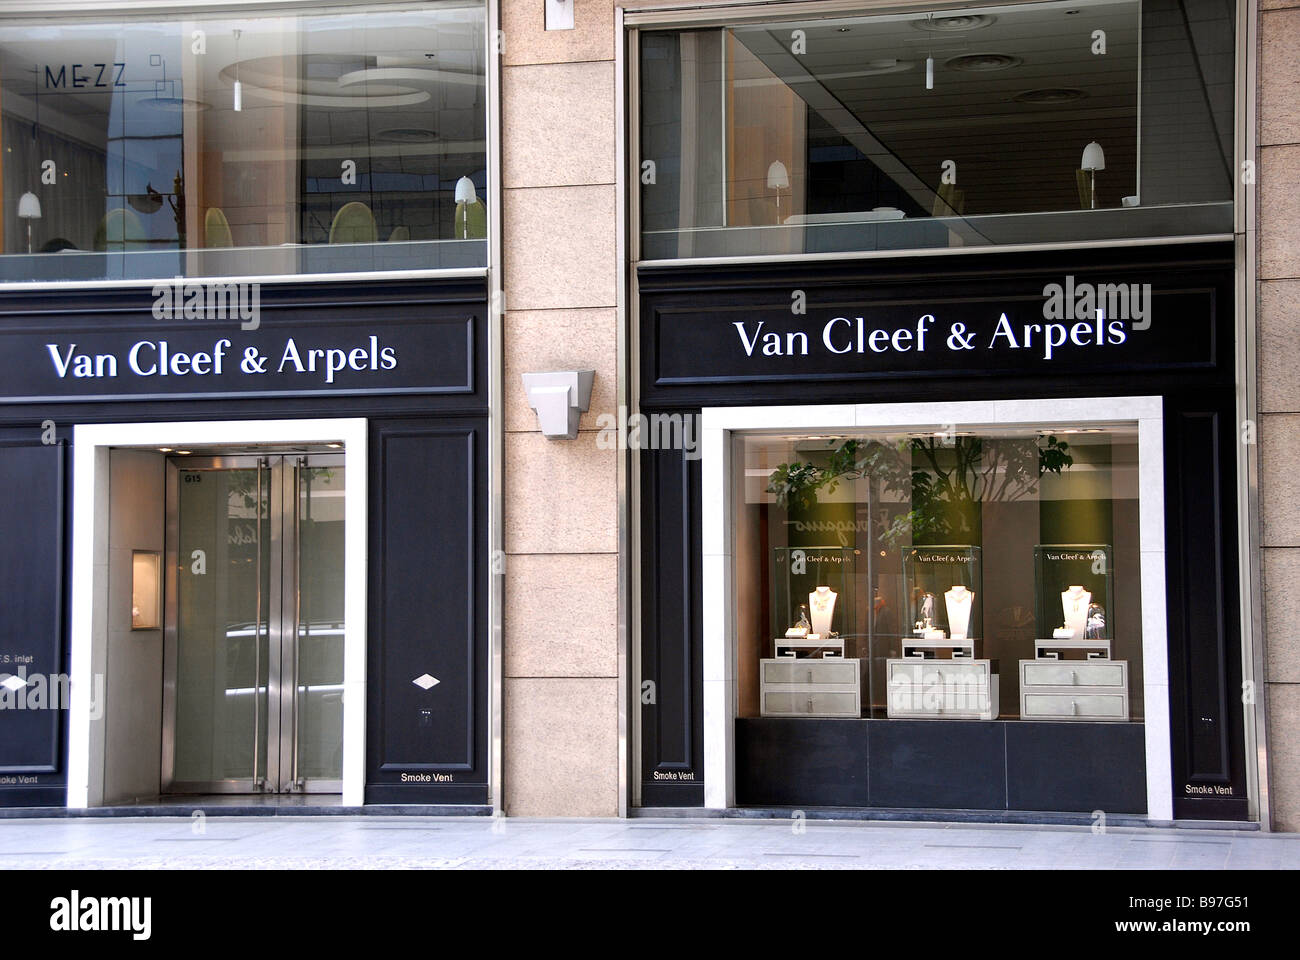 Van cleef and arpels shop online